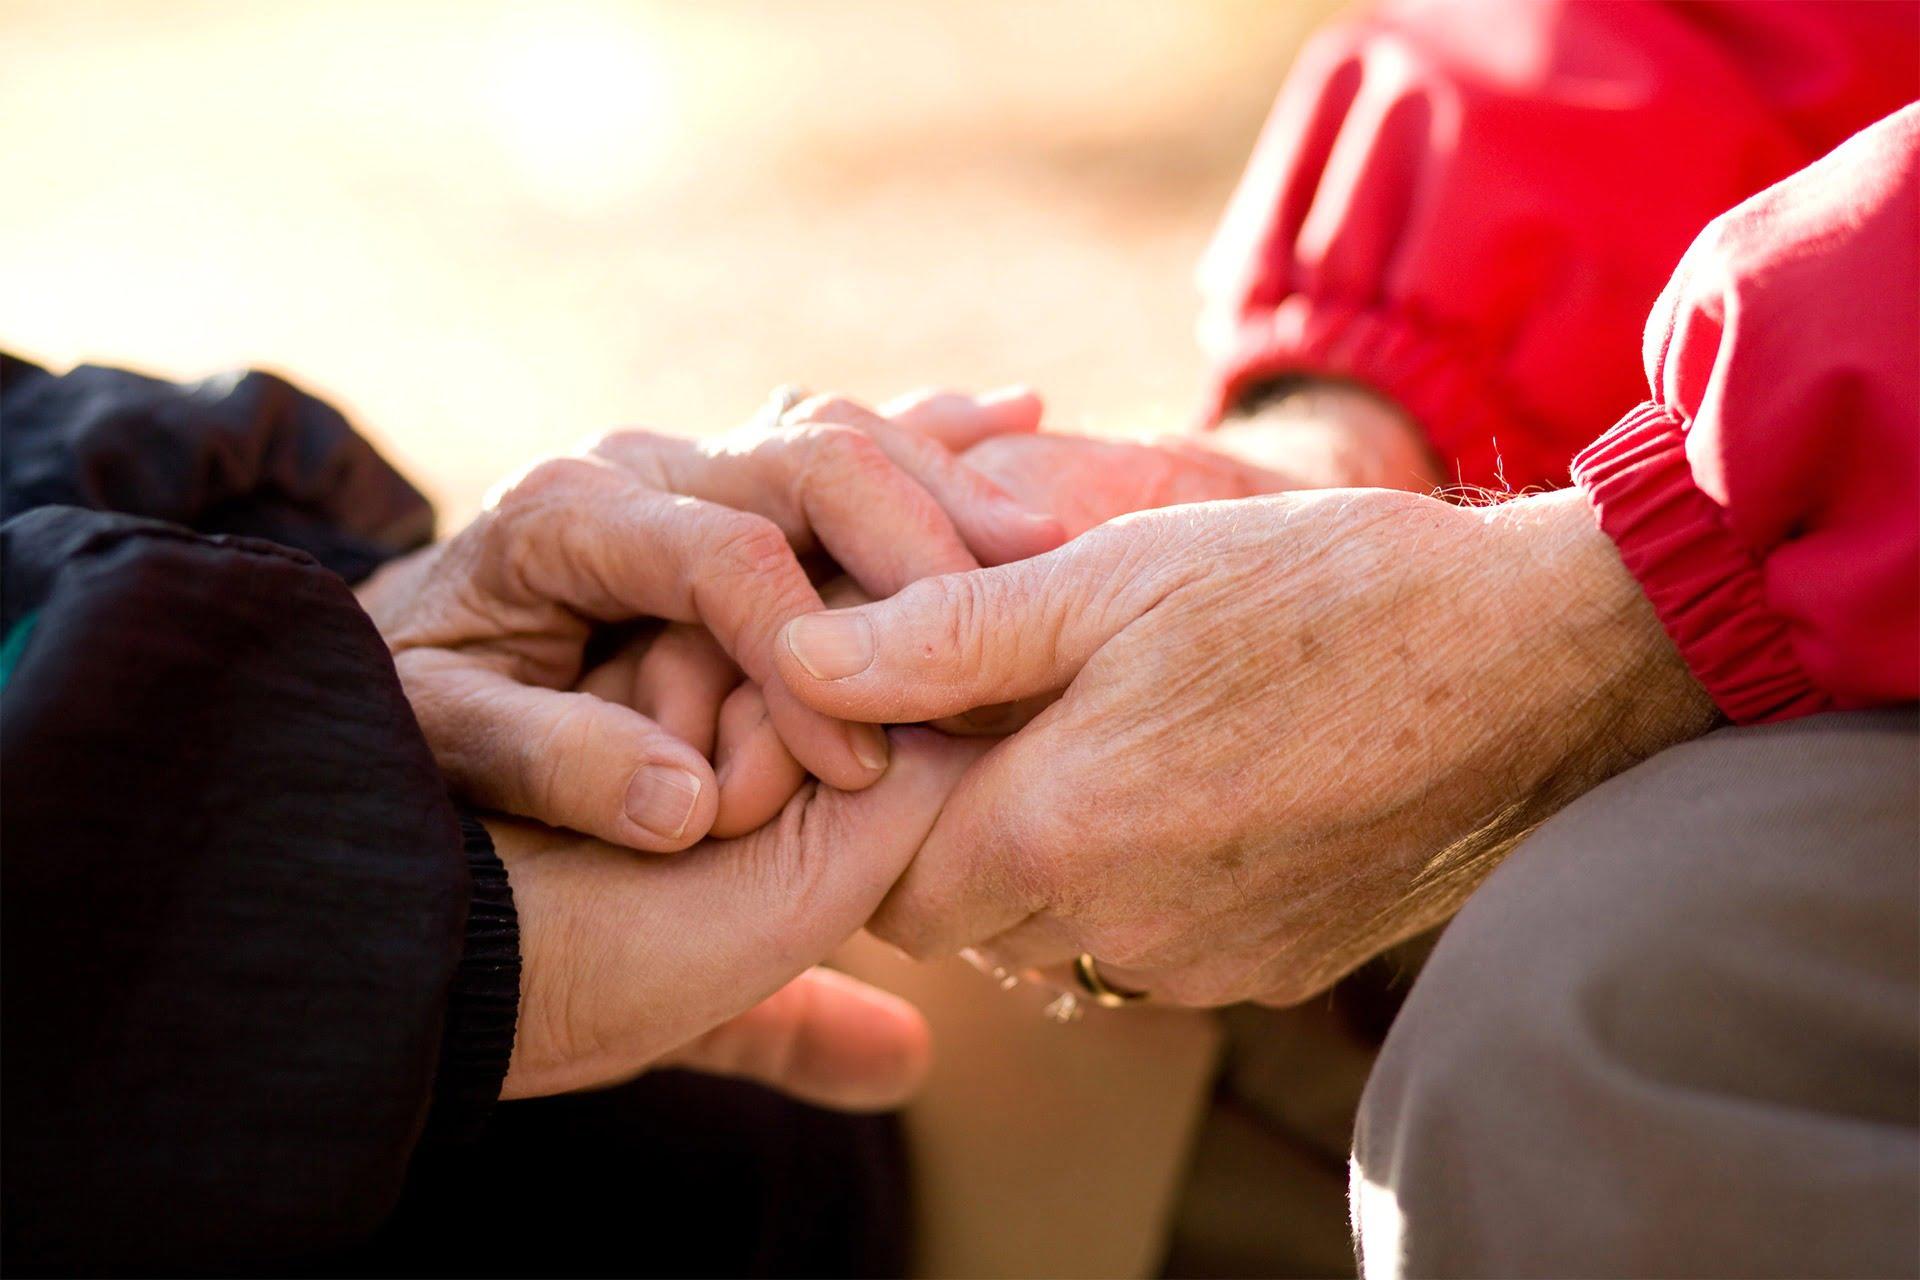 compasion otros ayuda